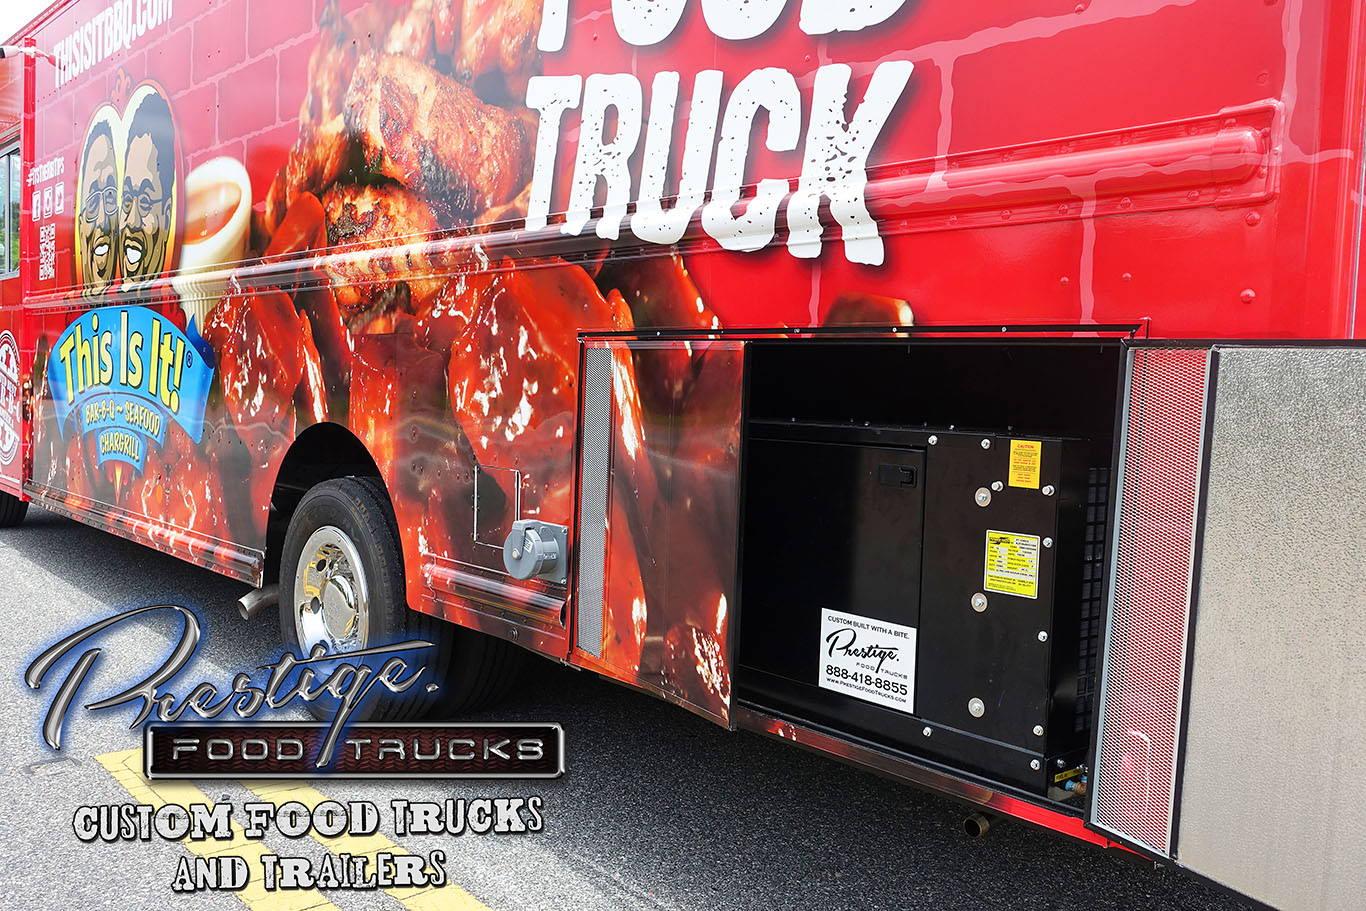 Food Truck diesel generator